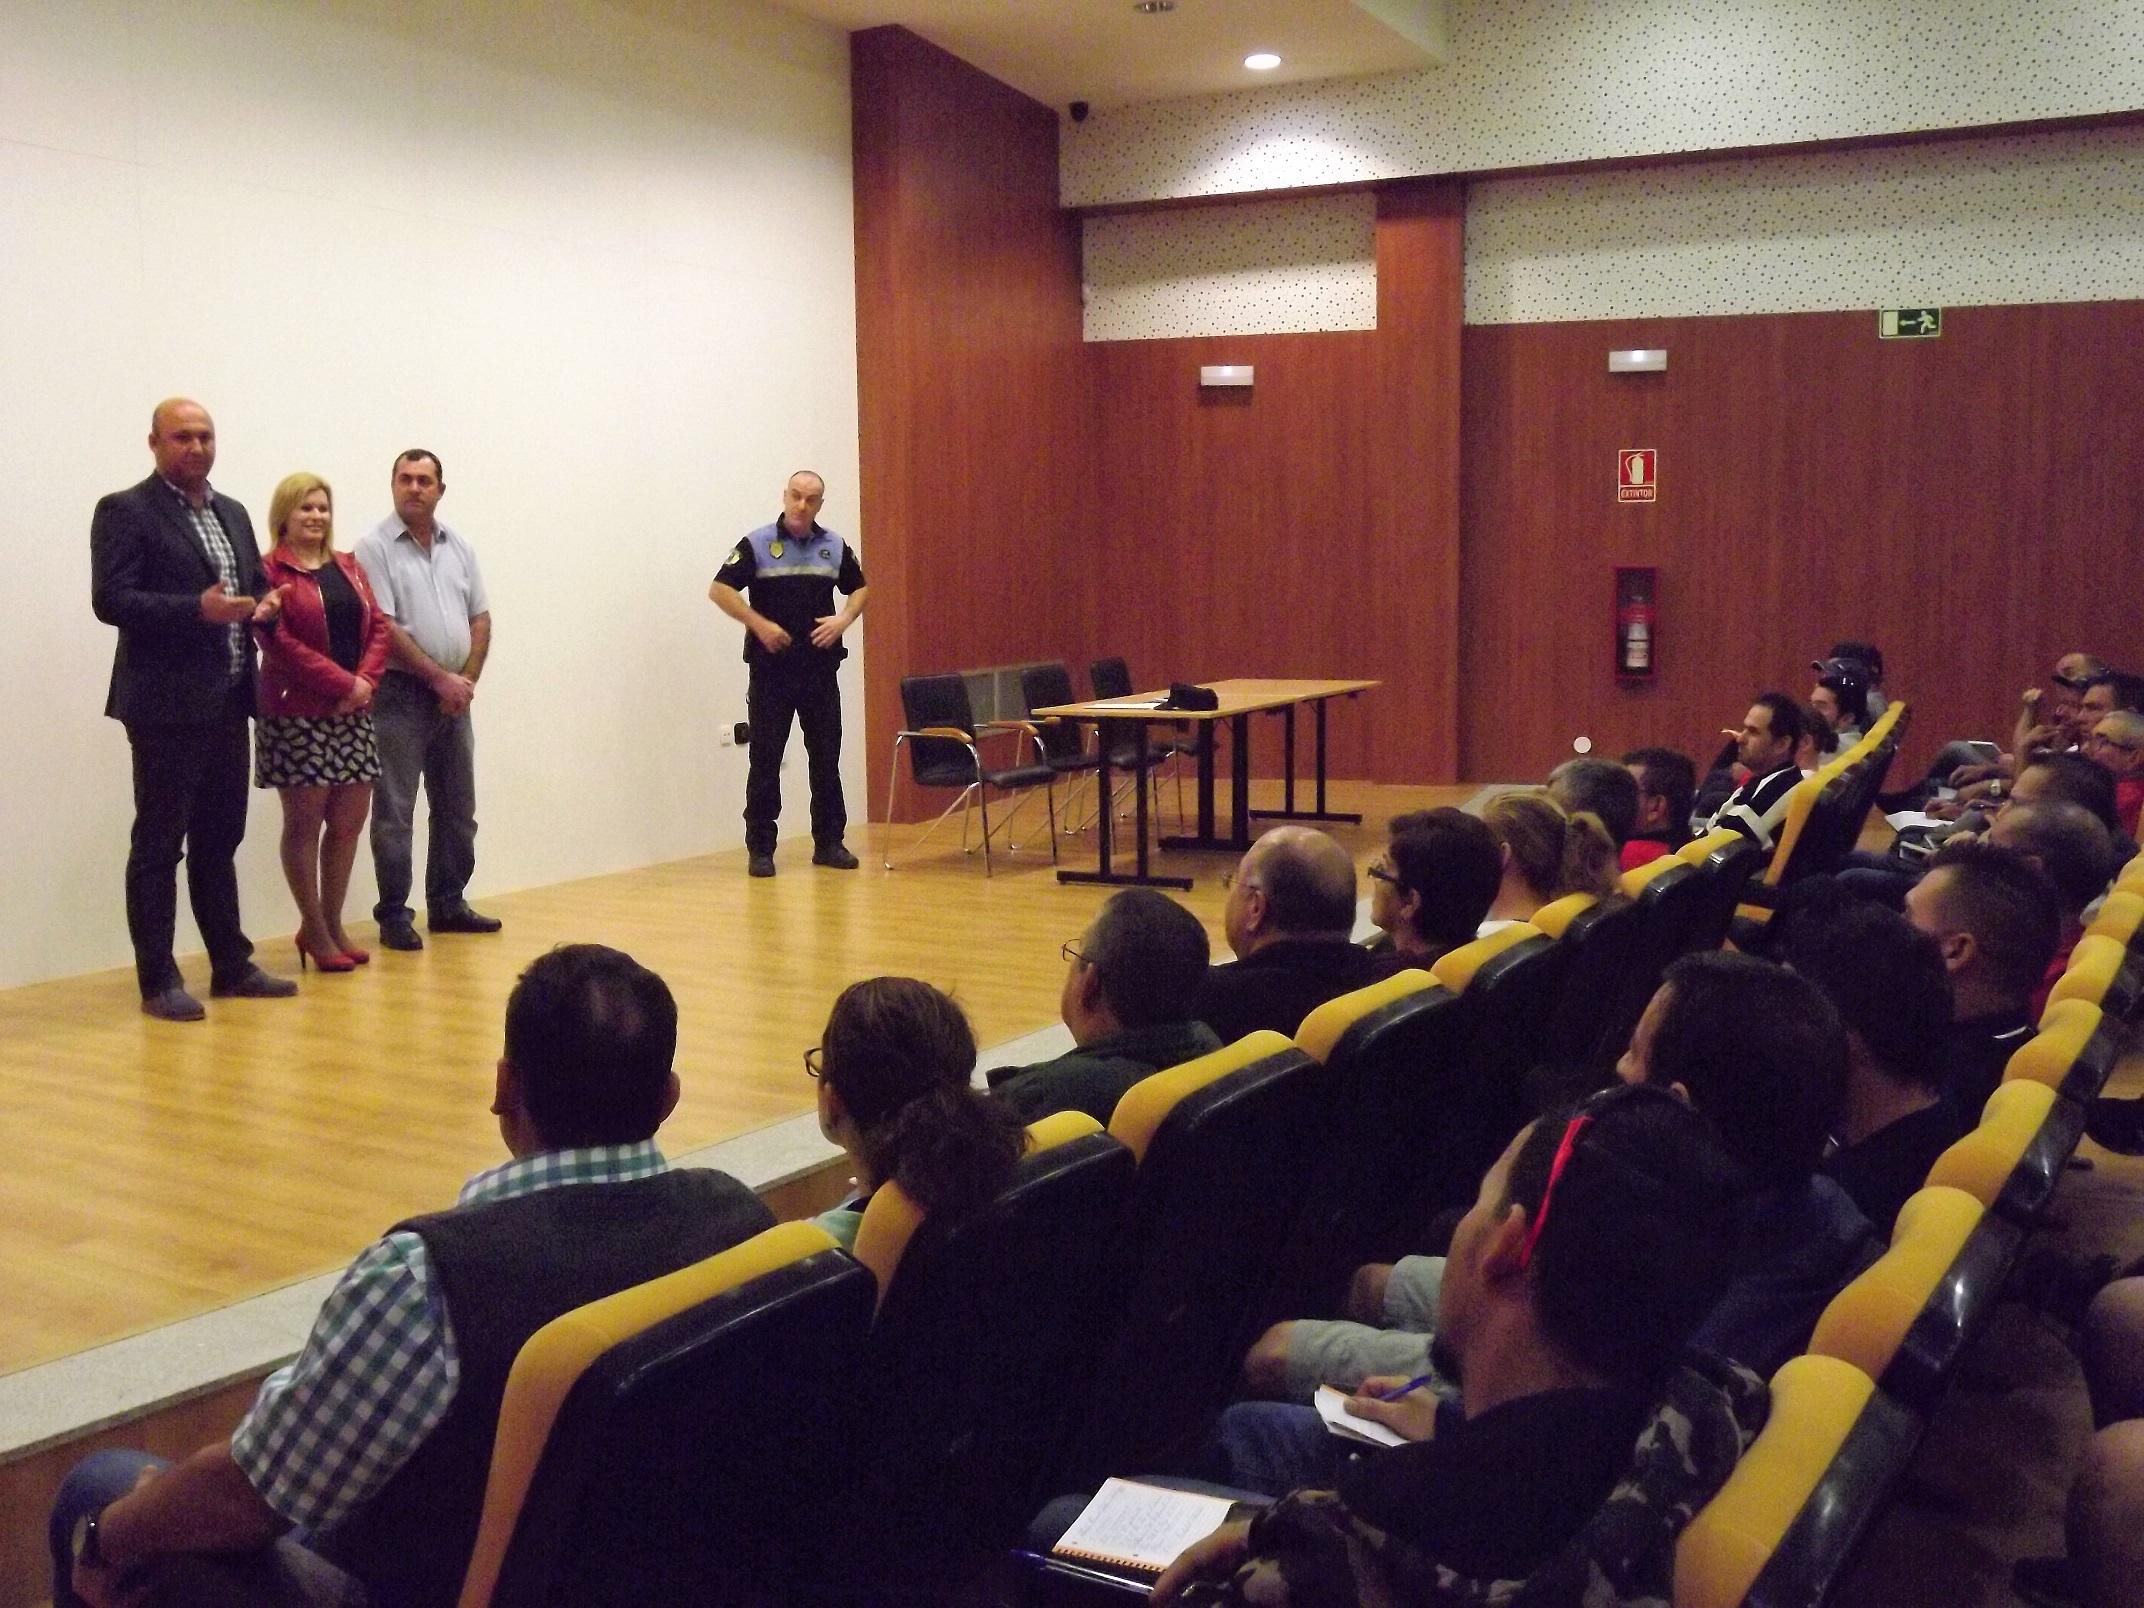 El Ayuntamiento de Granadilla de Abona convoca nuevas pruebas para la obtención del permiso de conducir autotaxis